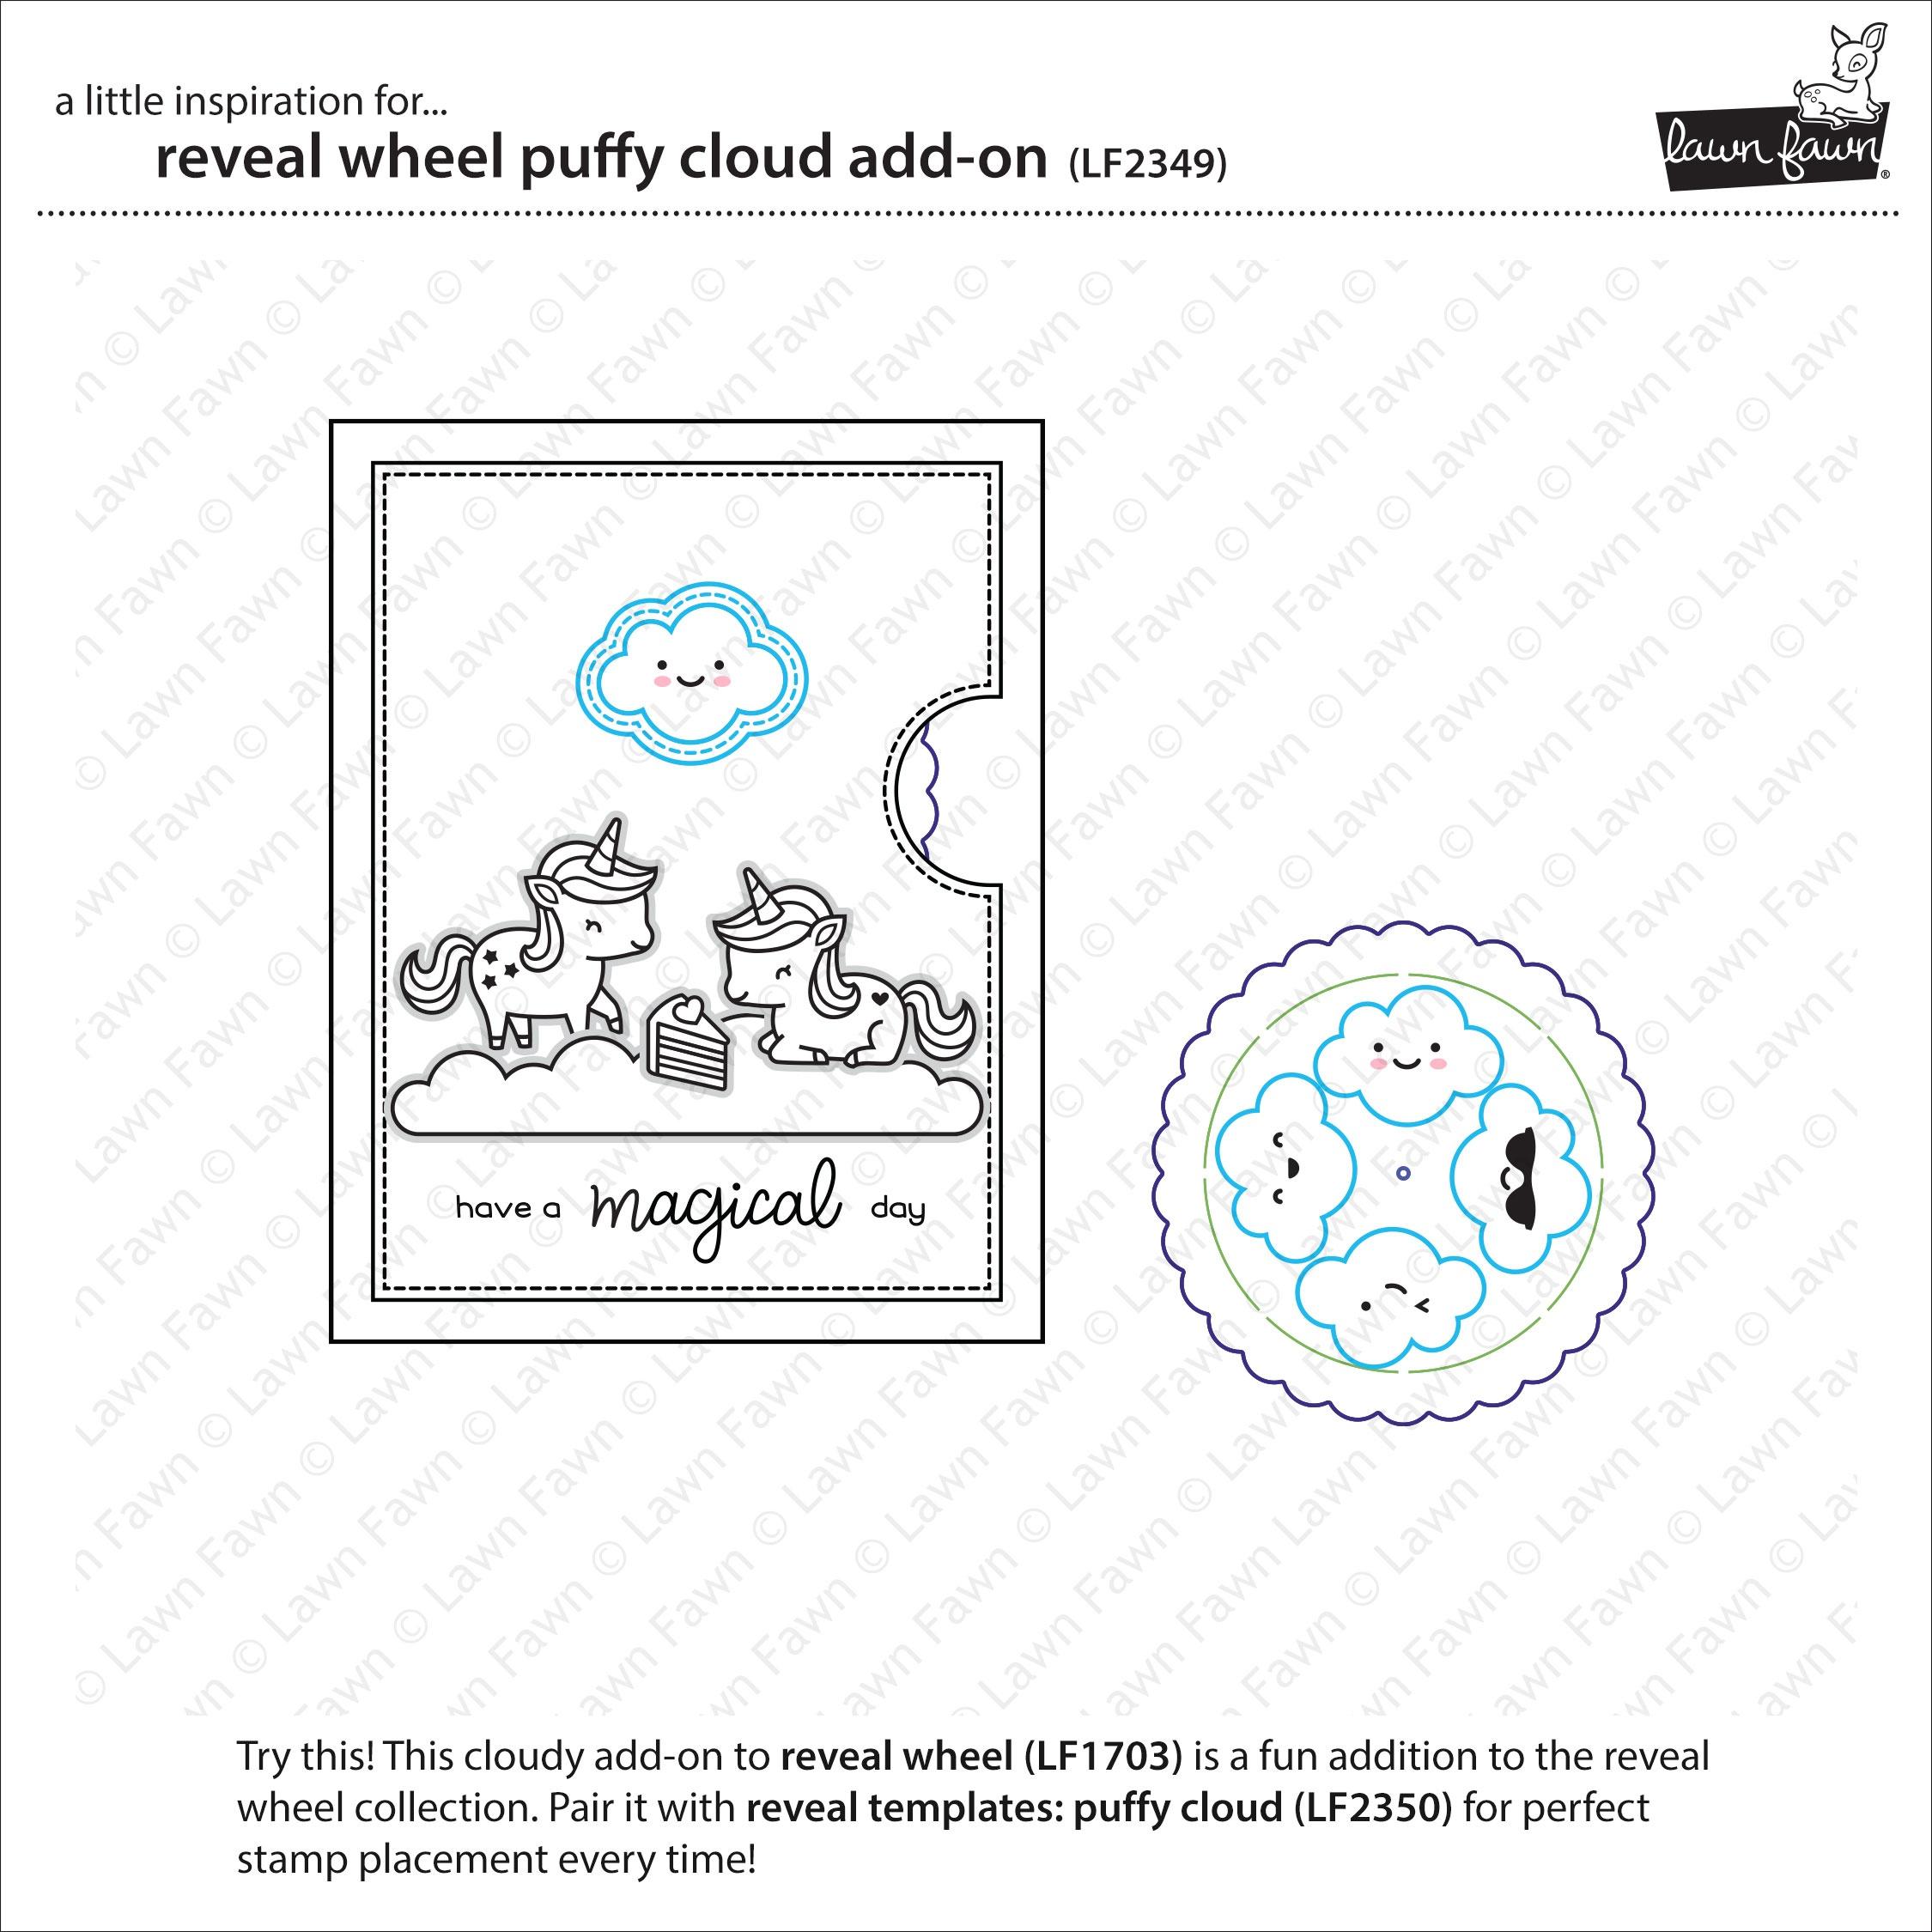 RW Puffy Cloud Die Add-On